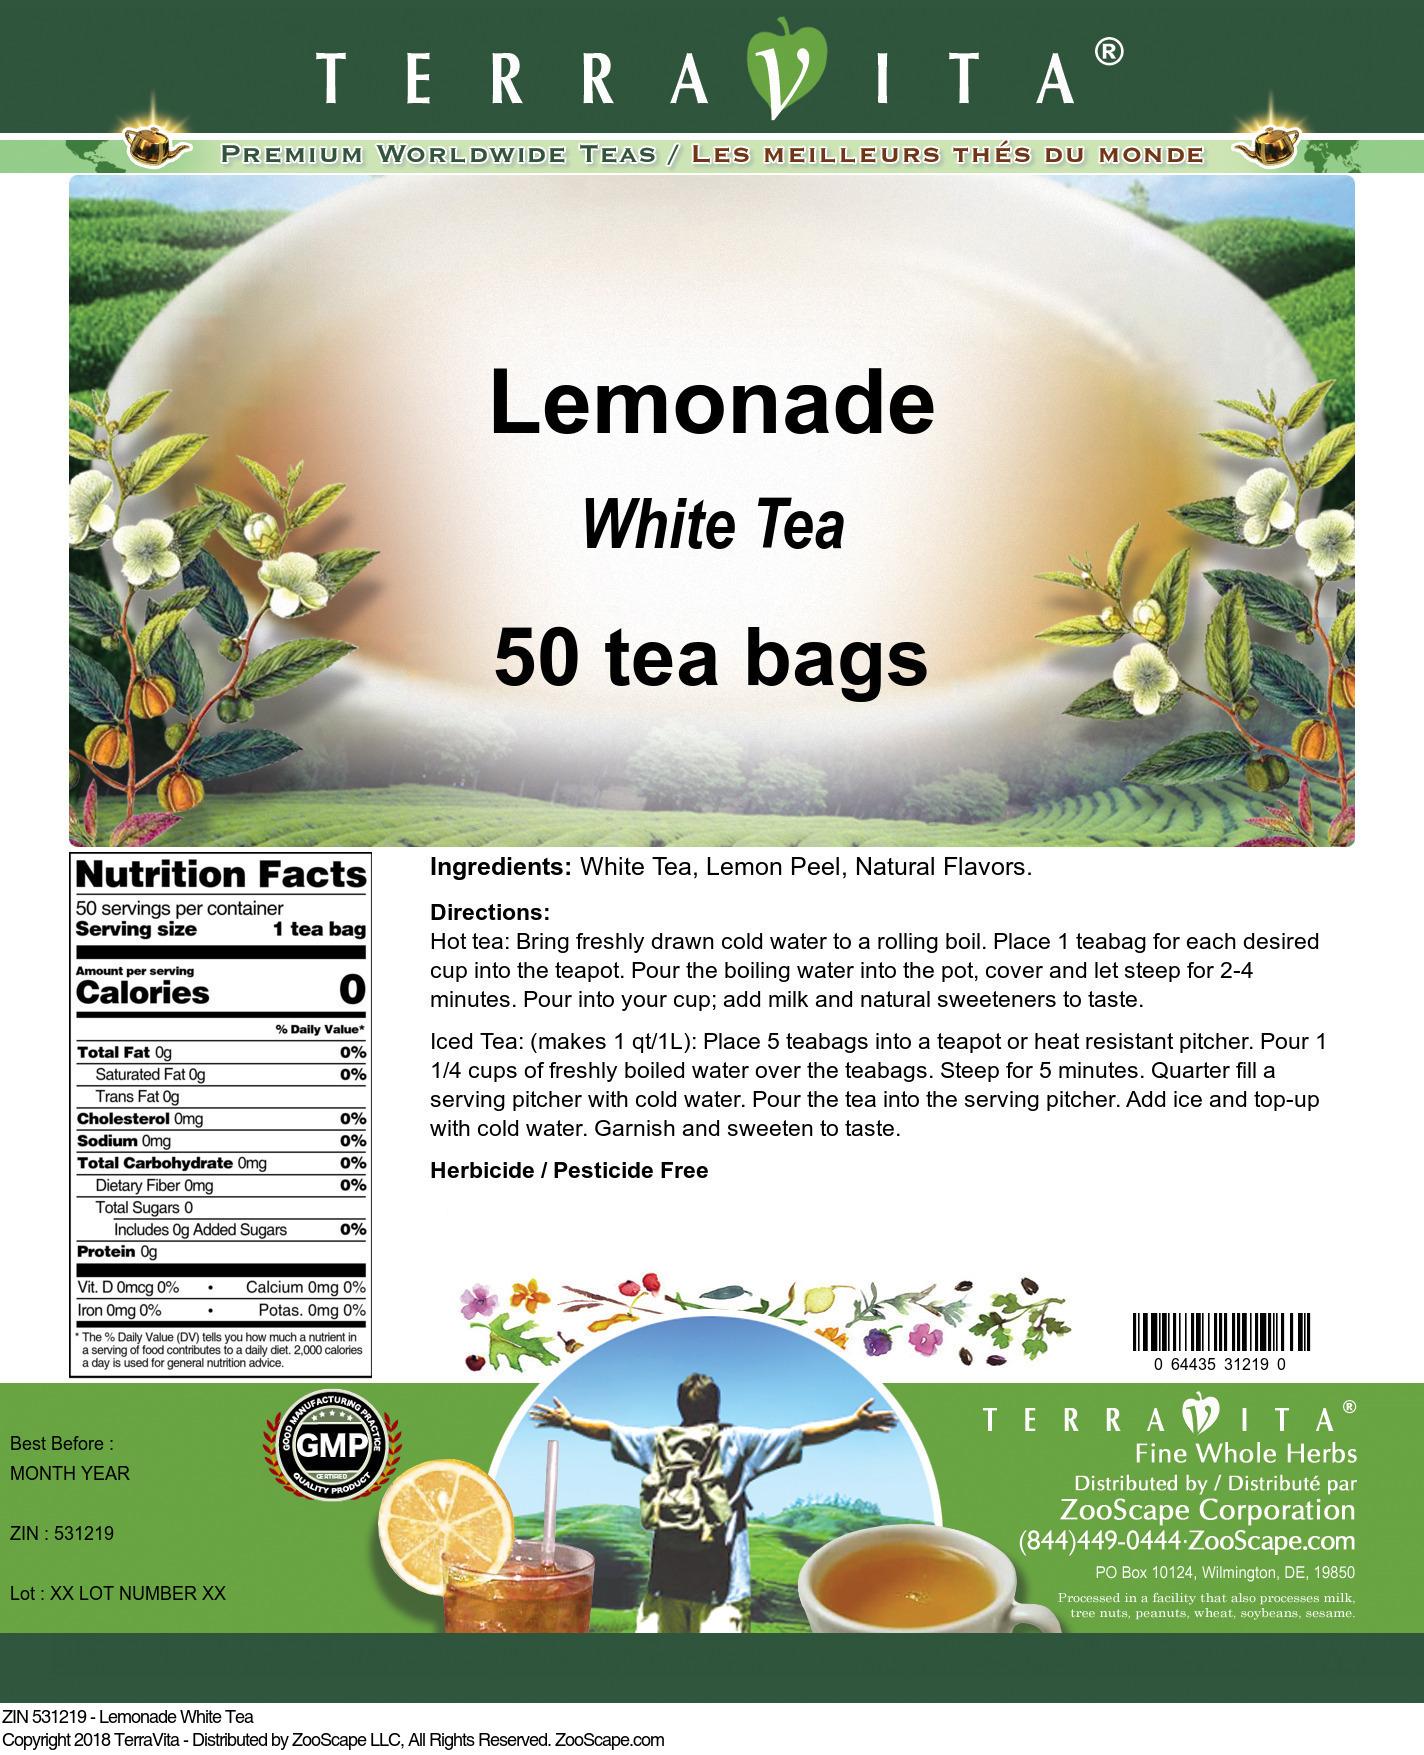 Lemonade White Tea